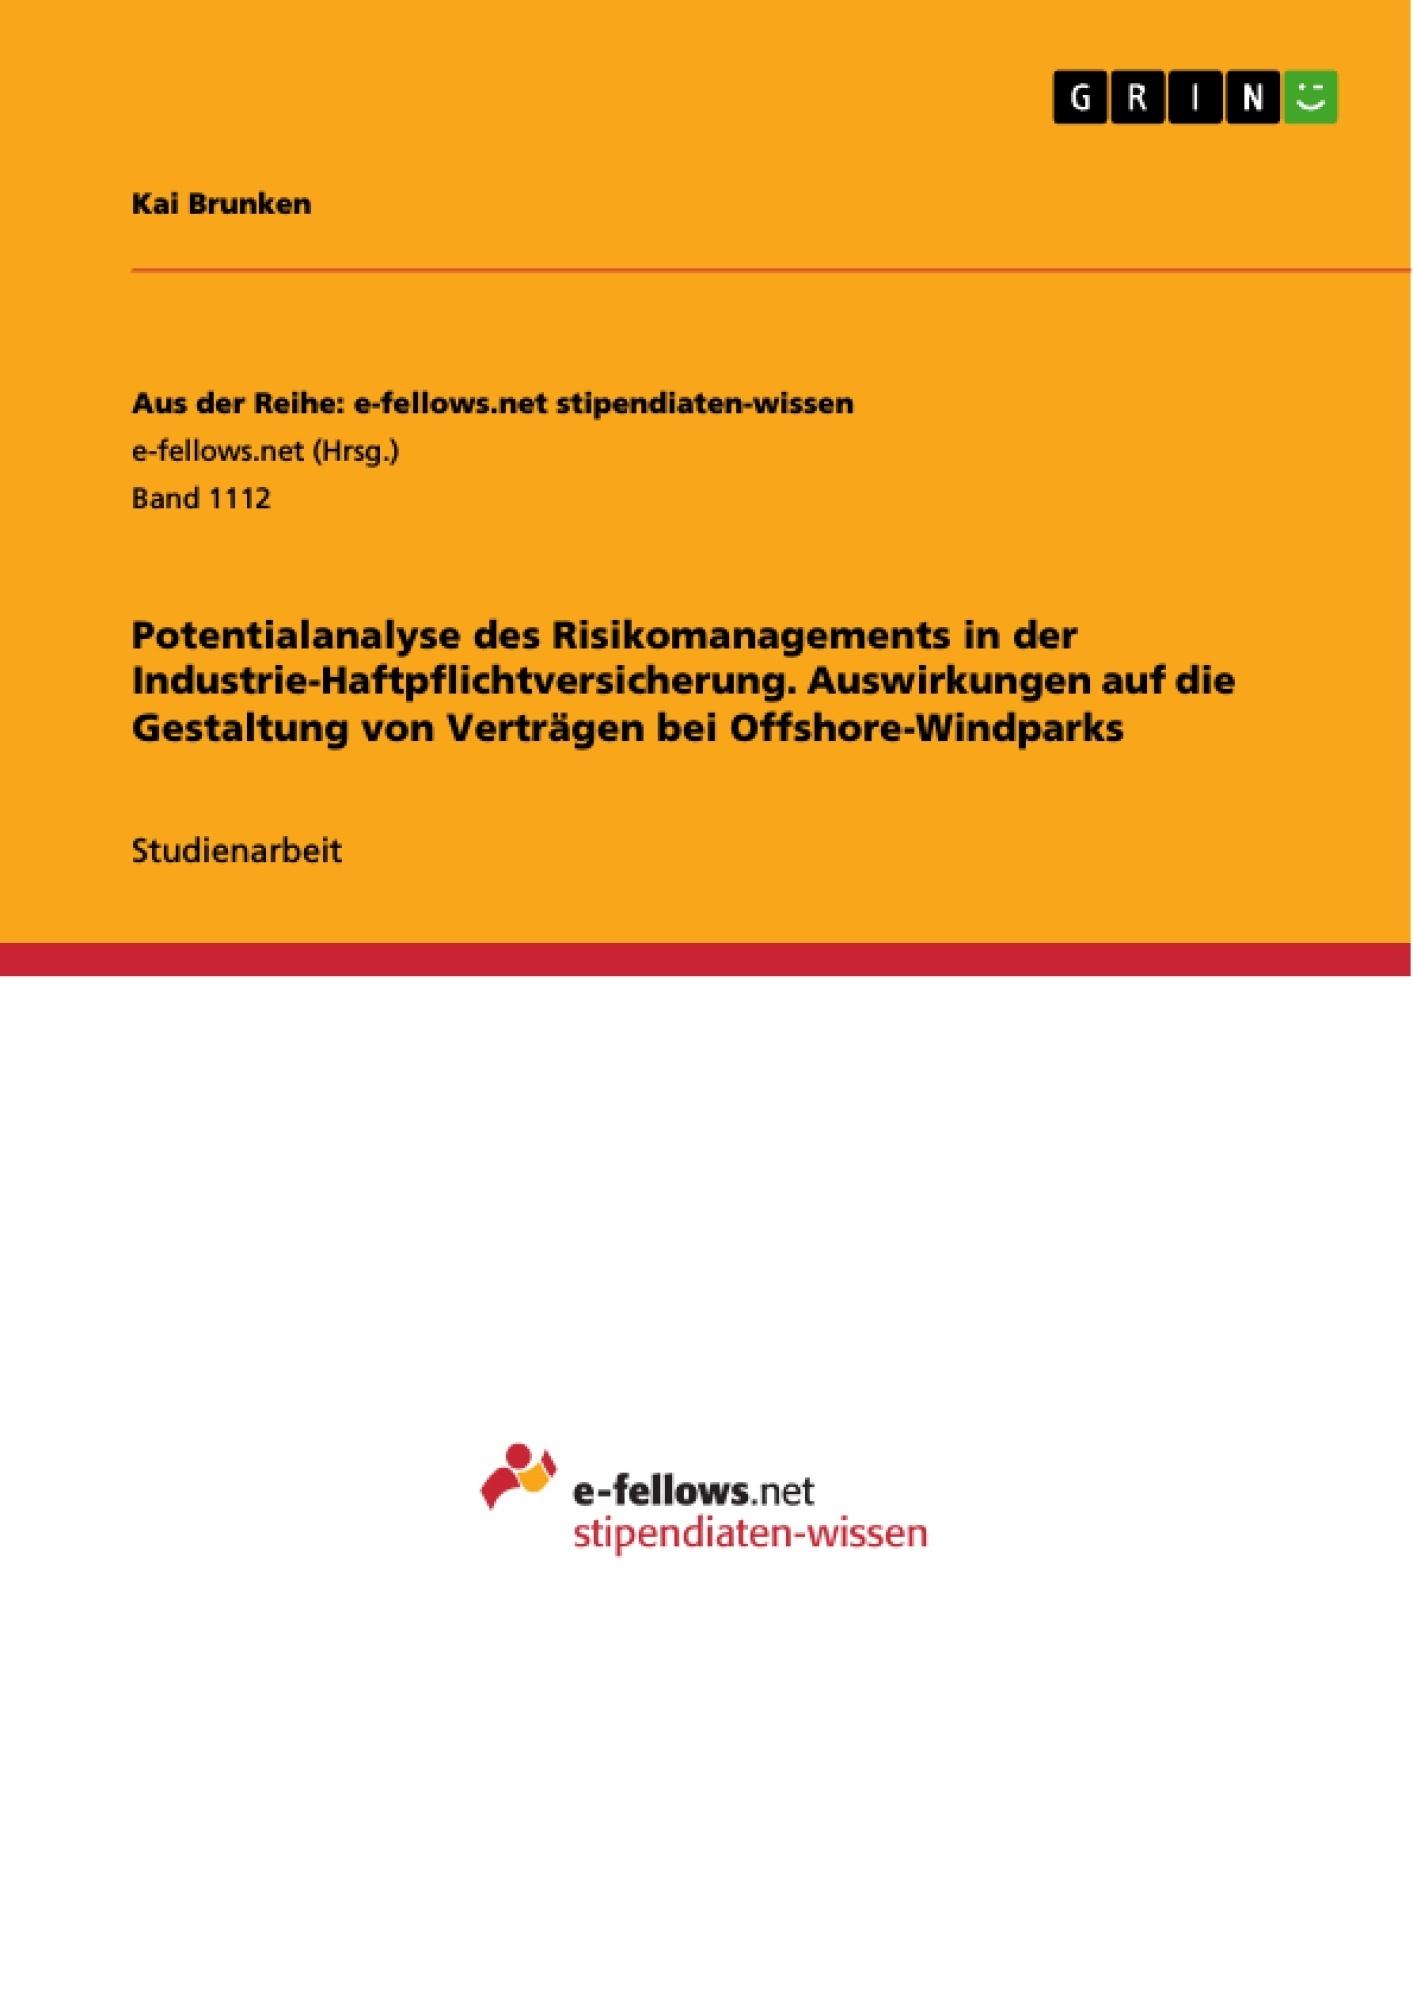 Titel: Potentialanalyse des Risikomanagements in der Industrie-Haftpflichtversicherung. Auswirkungen auf die Gestaltung von Verträgen bei Offshore-Windparks